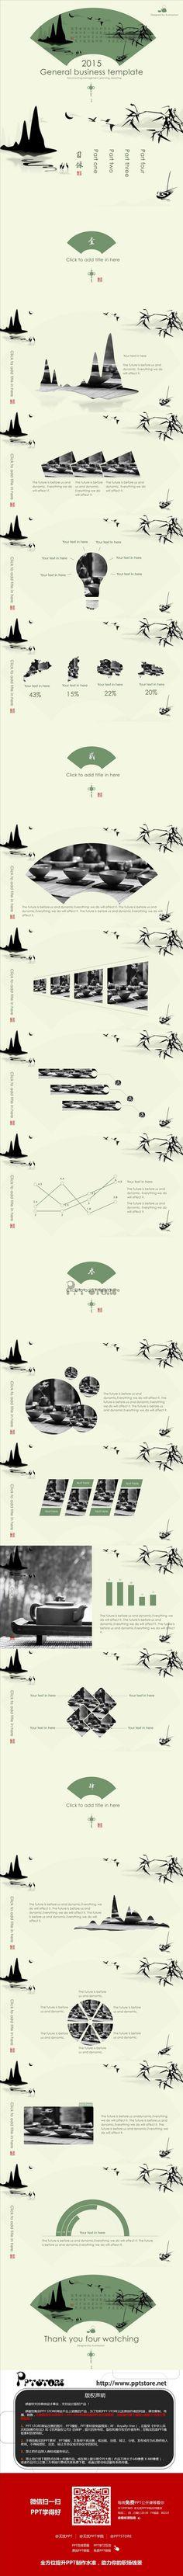 宅寂系列6:国际范山水扇面中国风大气提案...